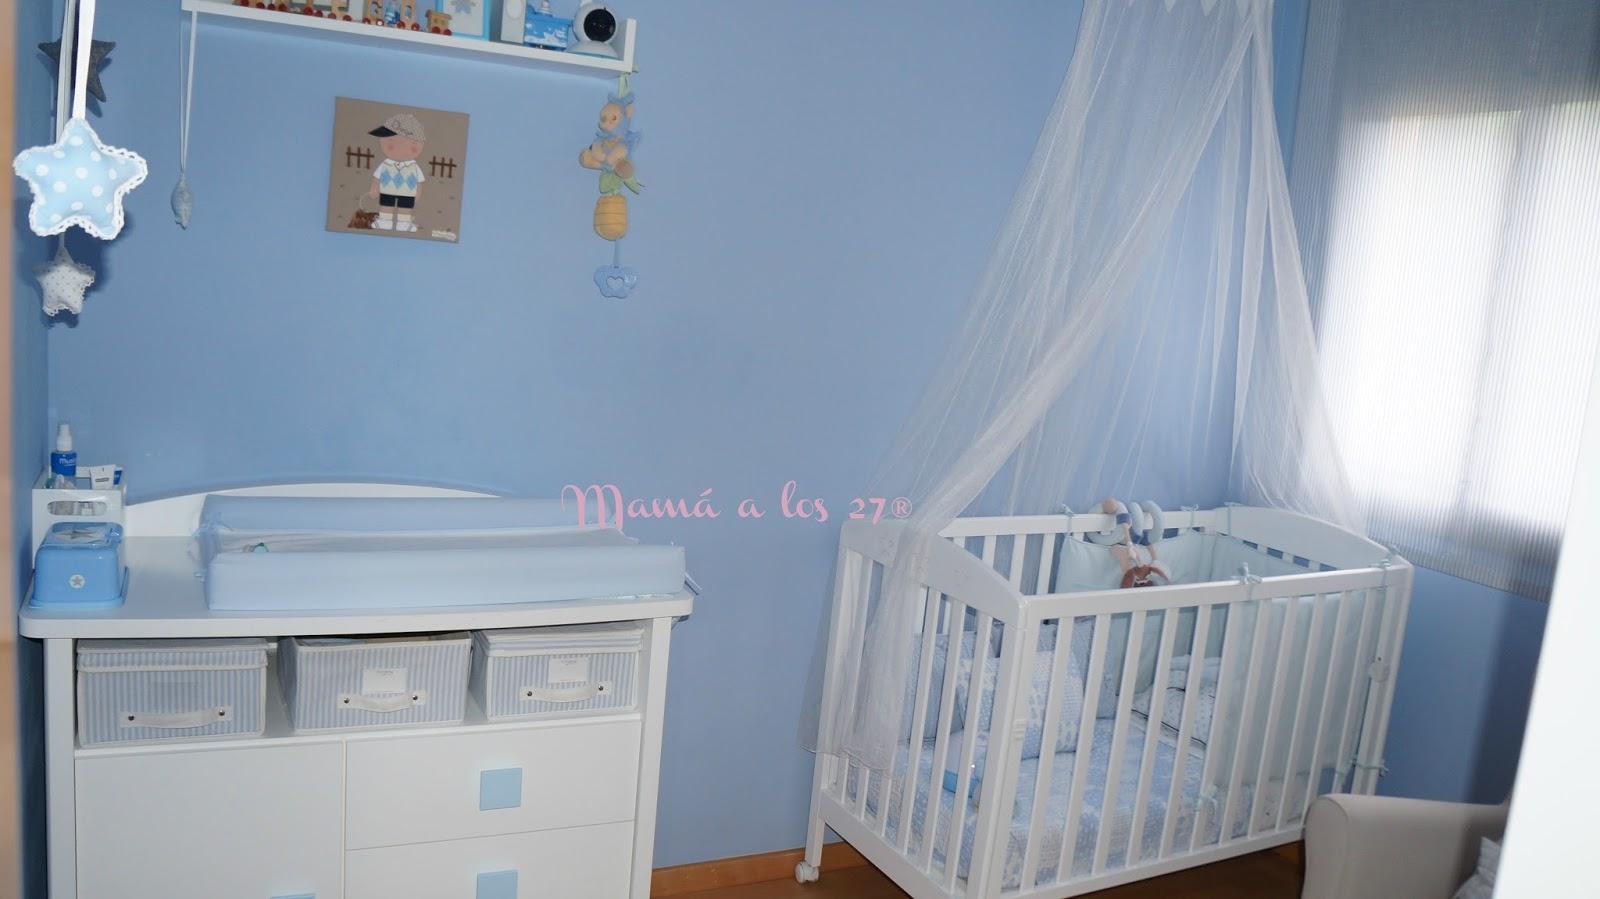 Mamá a los 27: Preparando la llegada del bebé III: La habitación